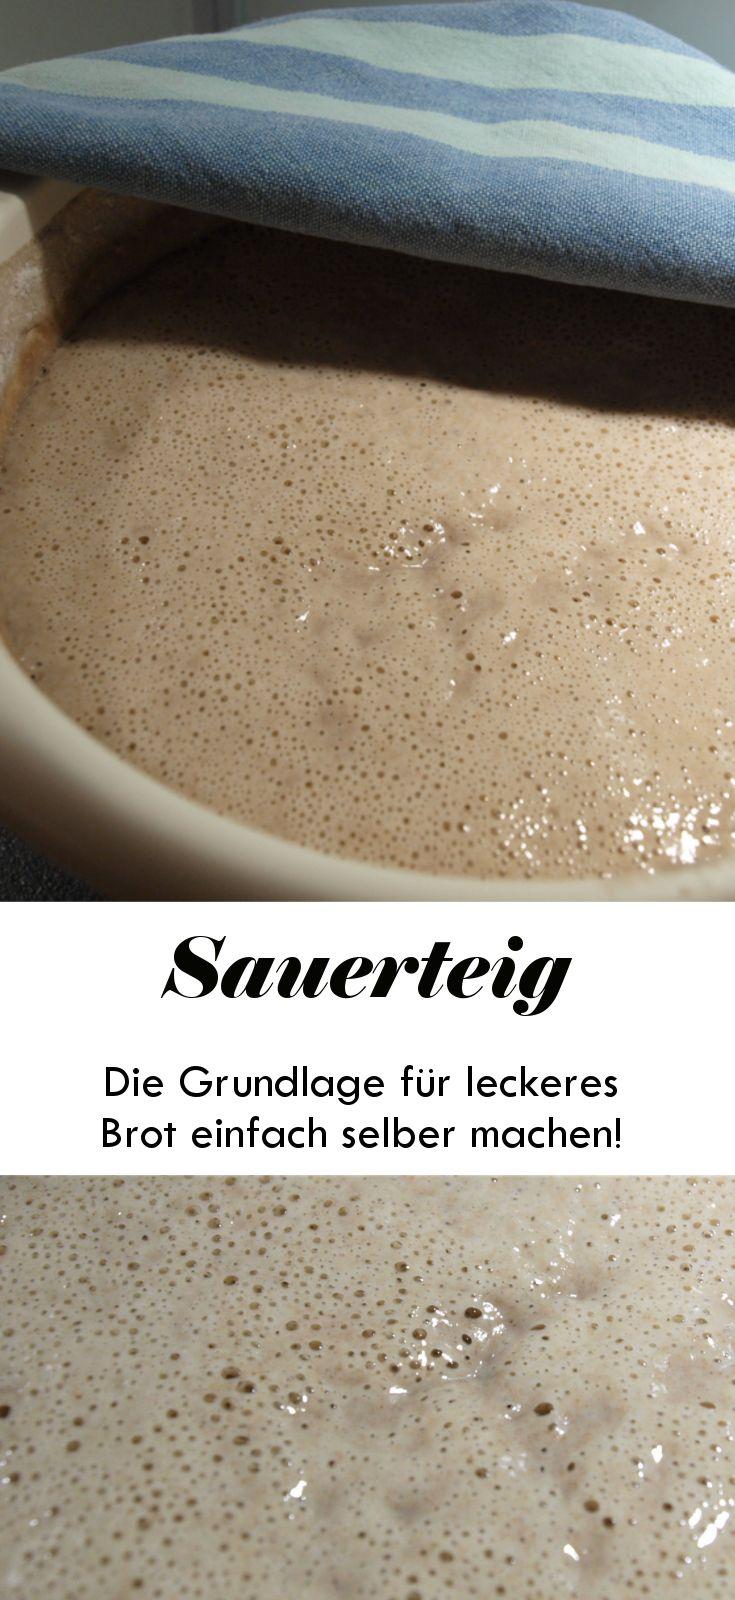 Faszinierend, wie einfach du aus Mehl und Wasser selbst einen Sauerteig herstellen kannst!  #Sauerteig #brotbacken